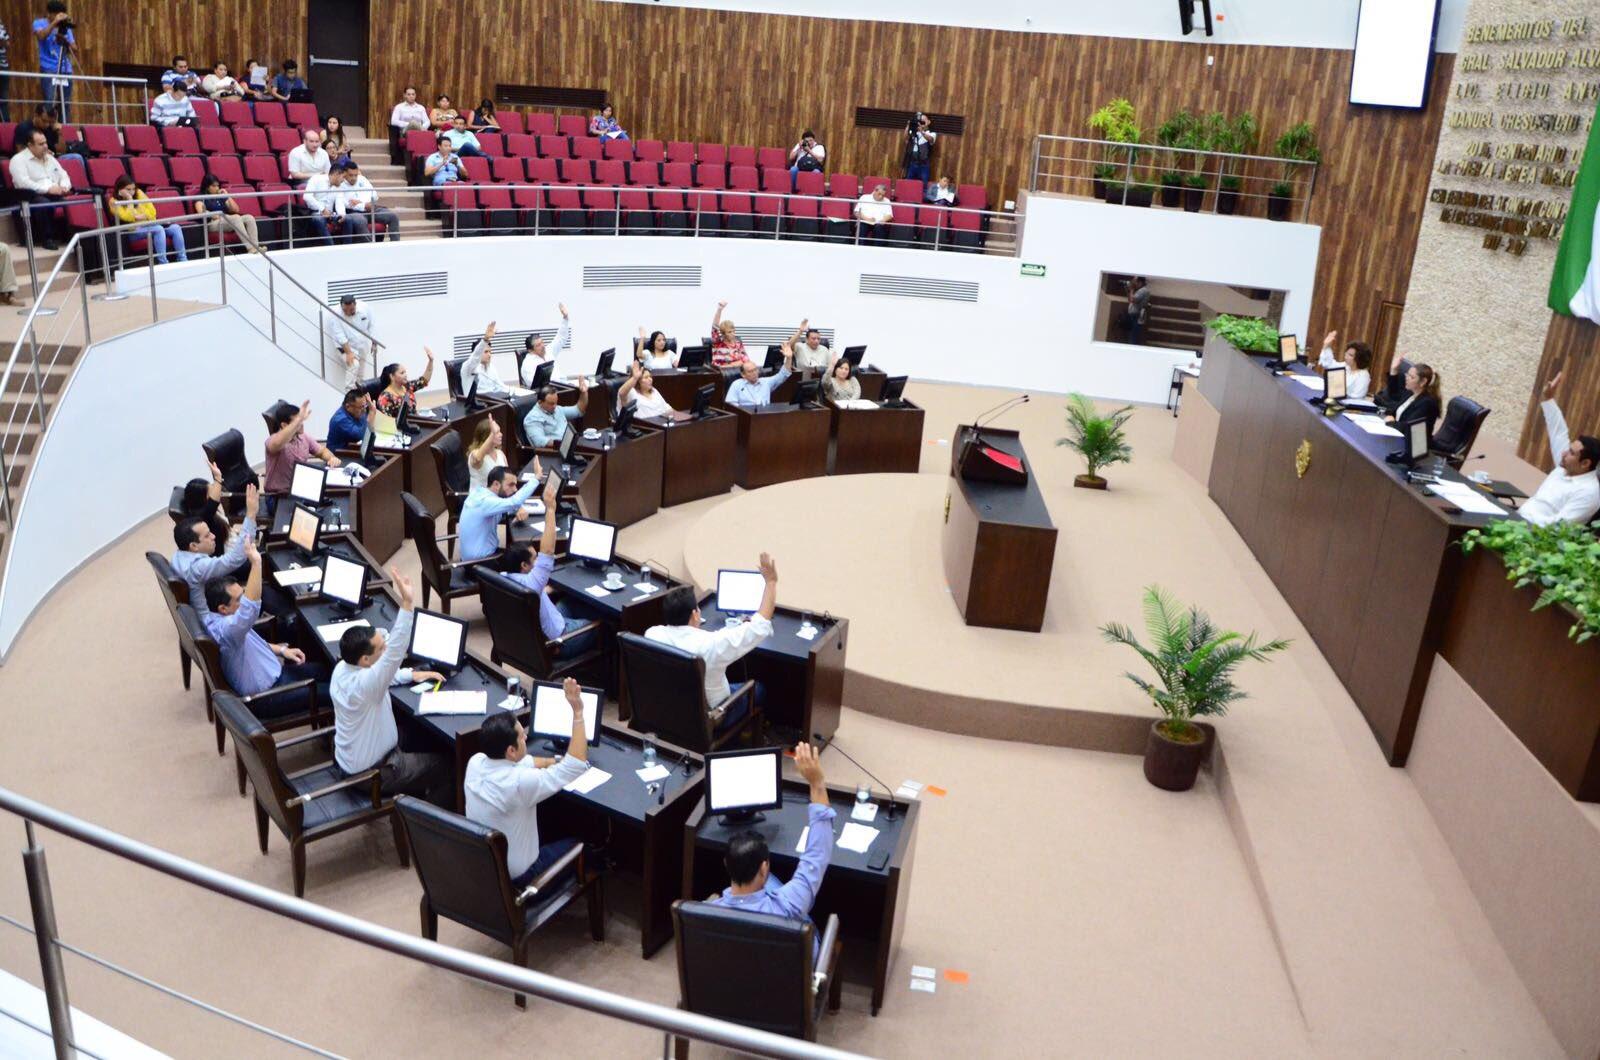 Quita Yucatán fuero a funcionarios y pensión a gobernadores